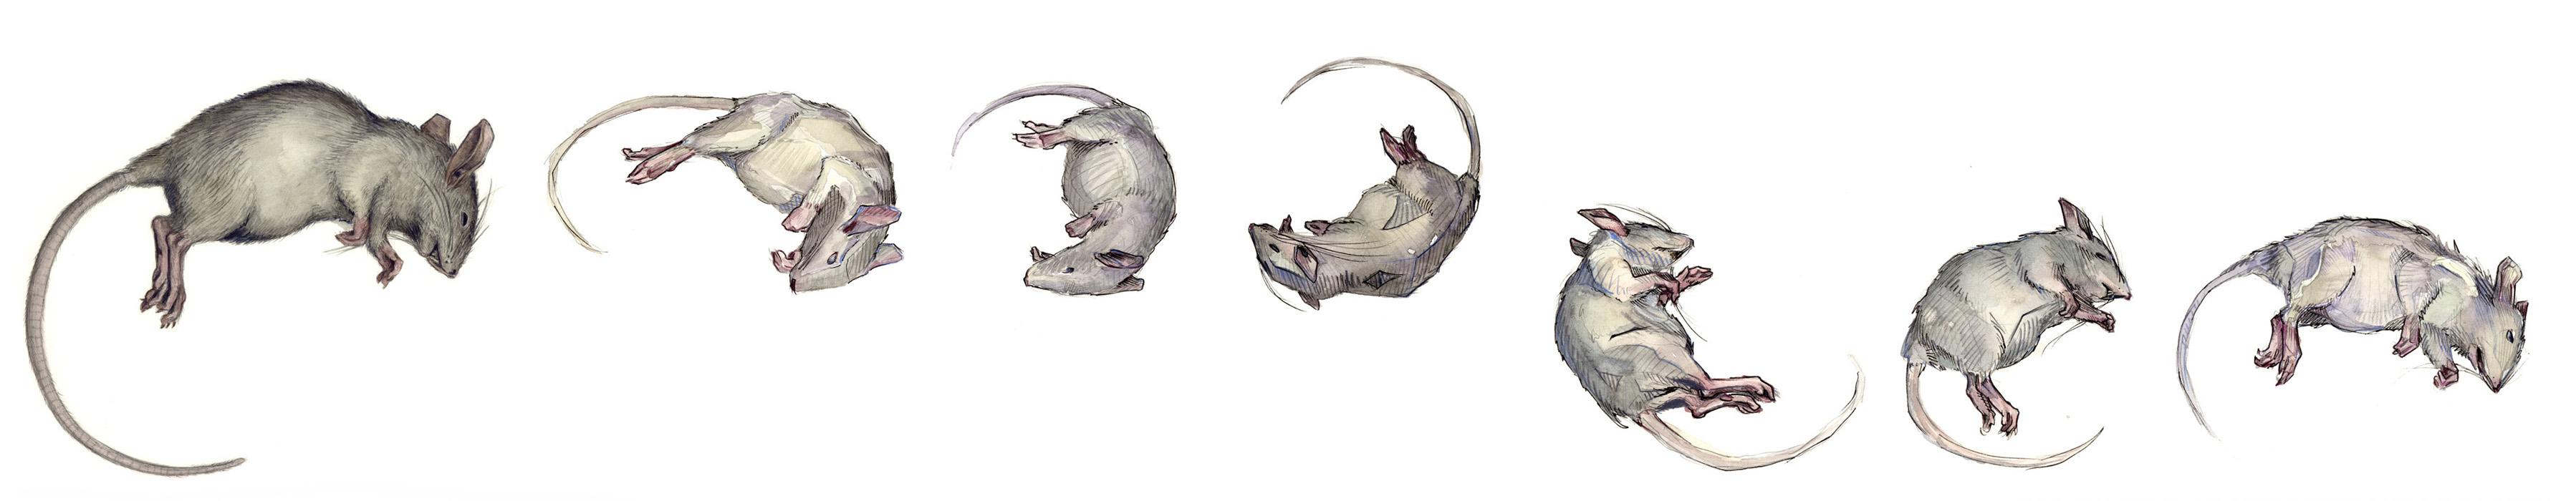 29_rat